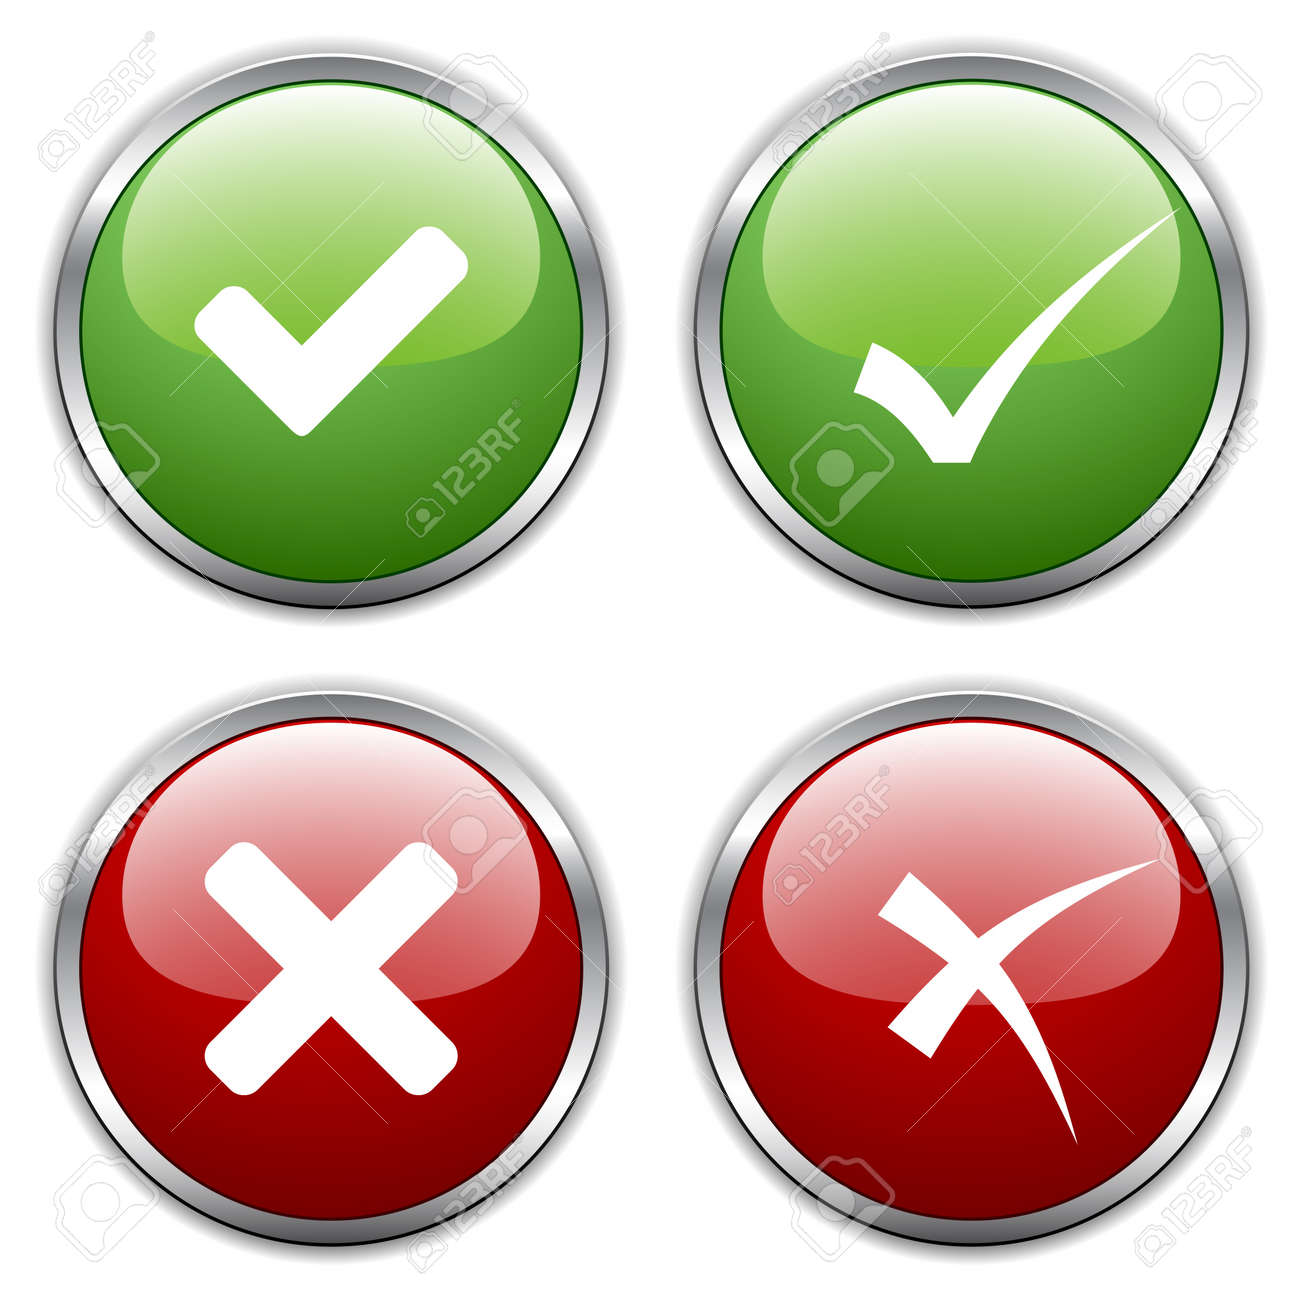 vector check mark buttons - 11520020